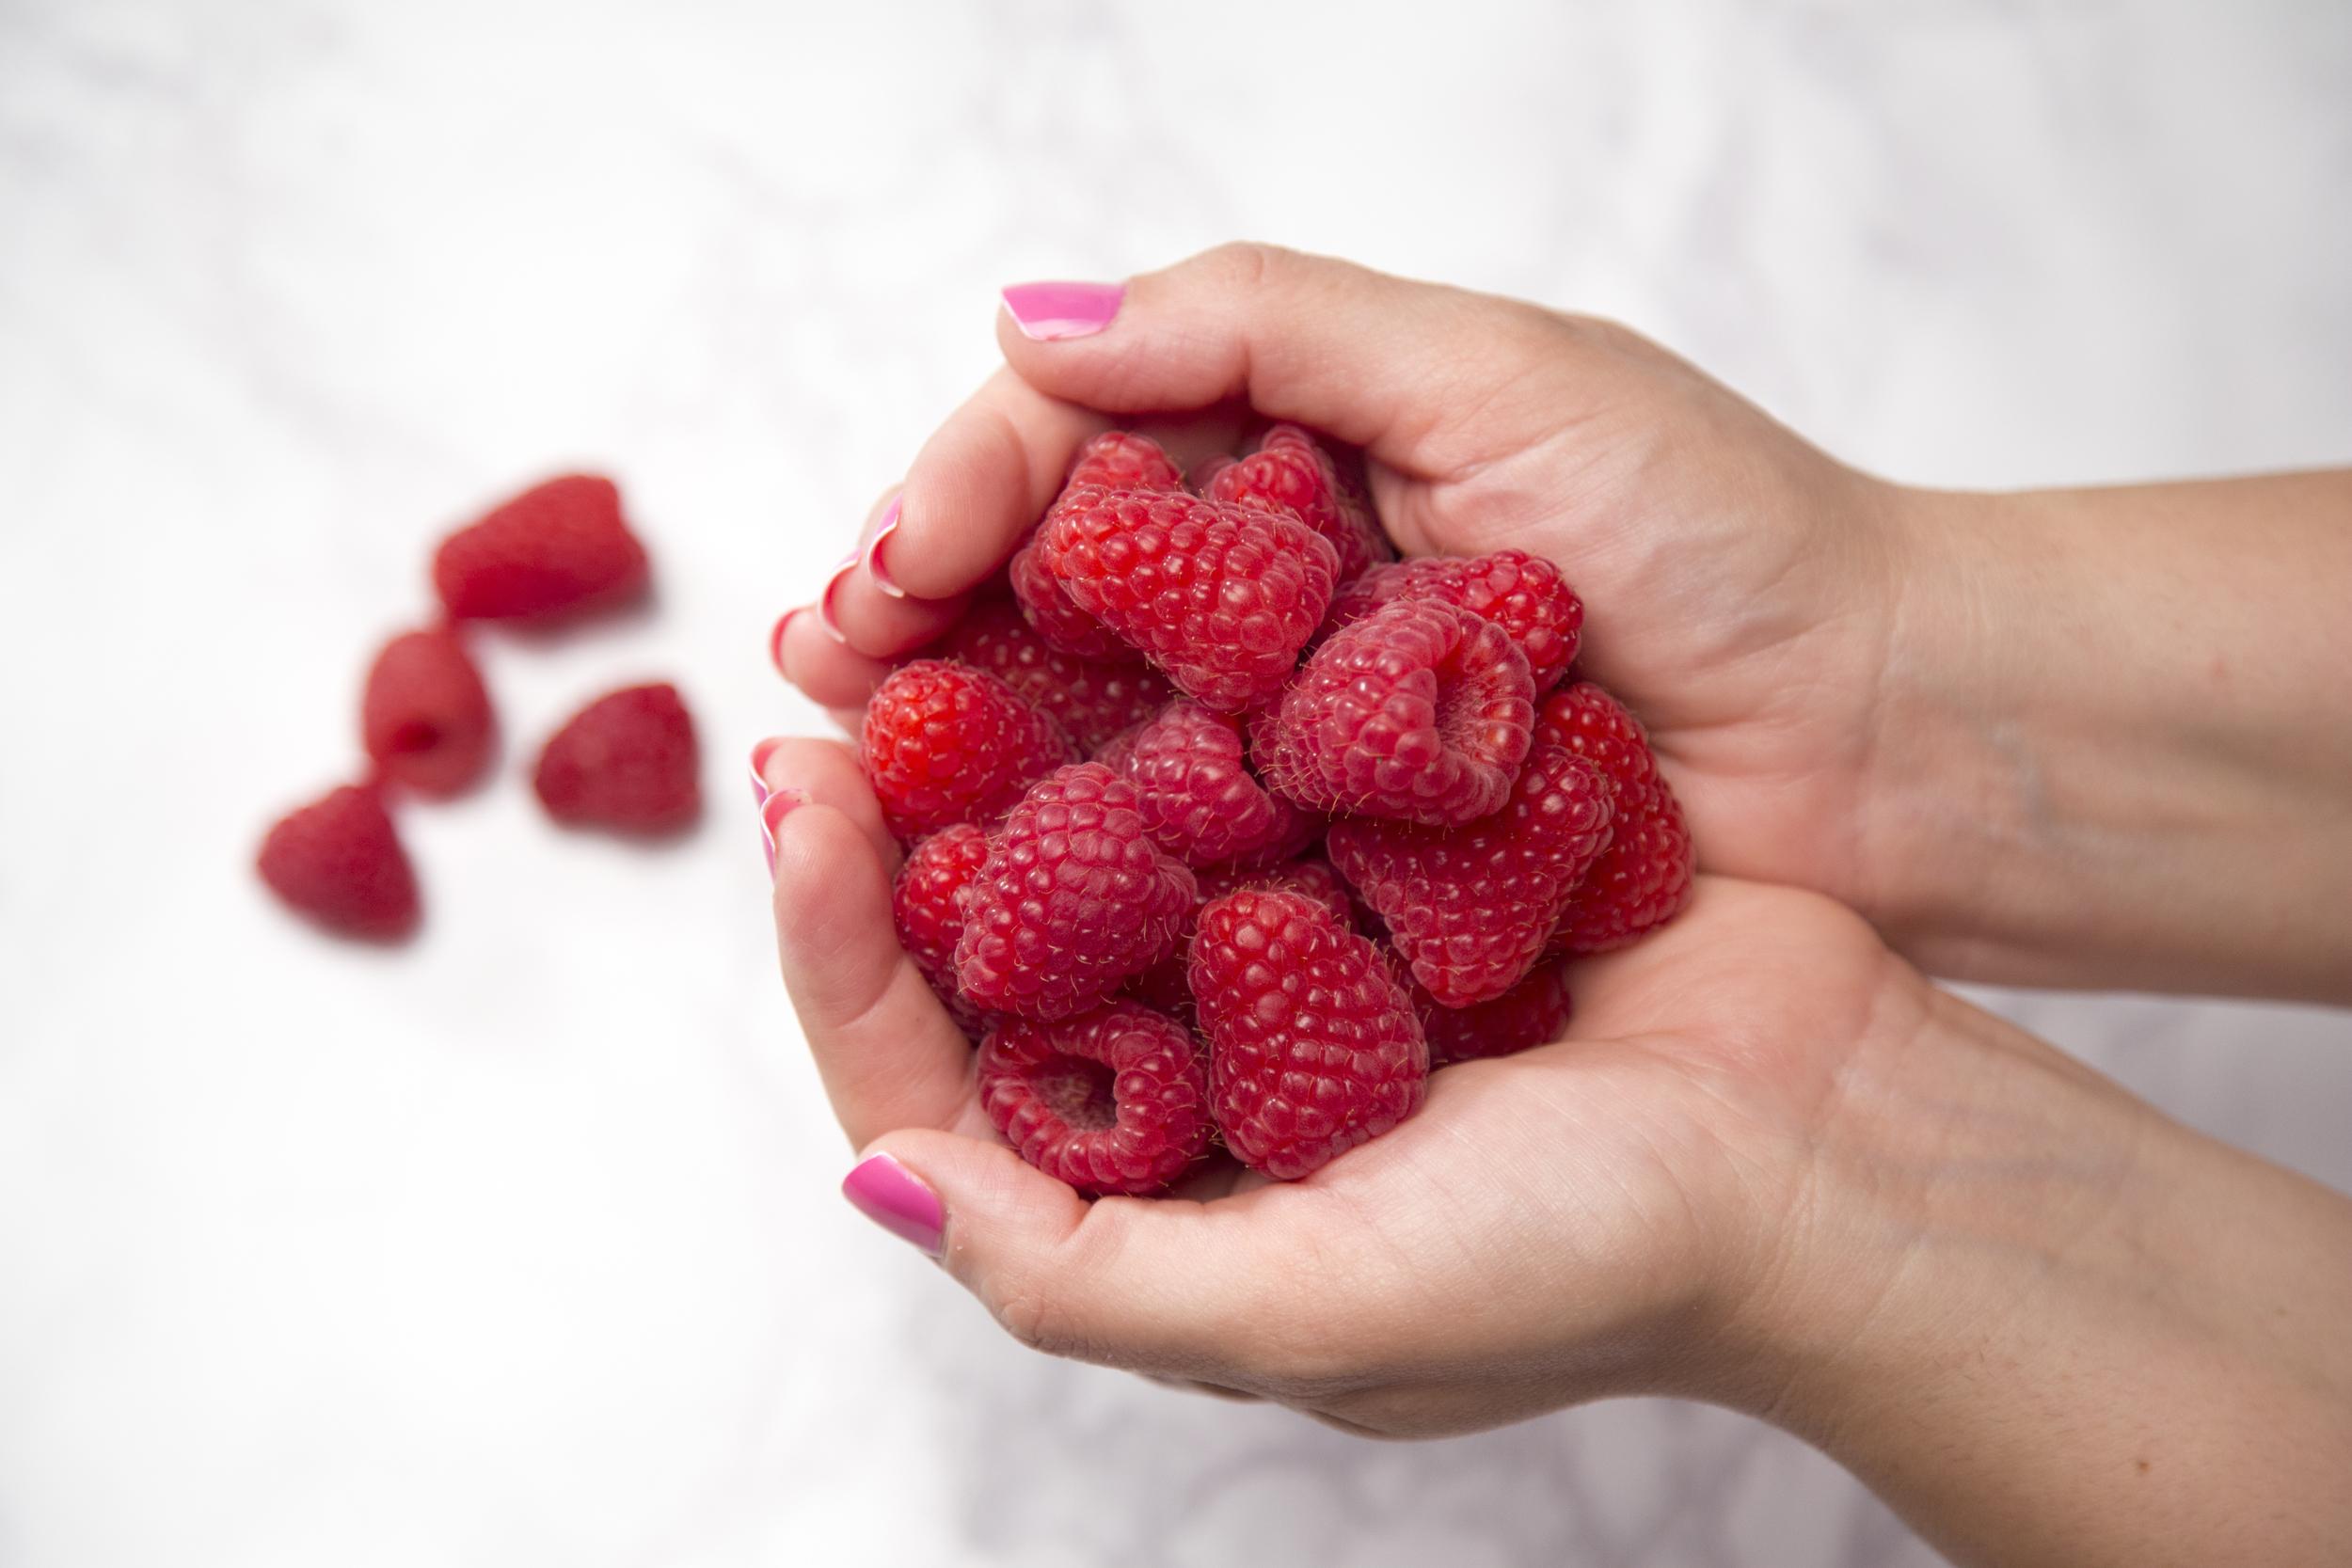 raspberrycakeraspberries.jpg